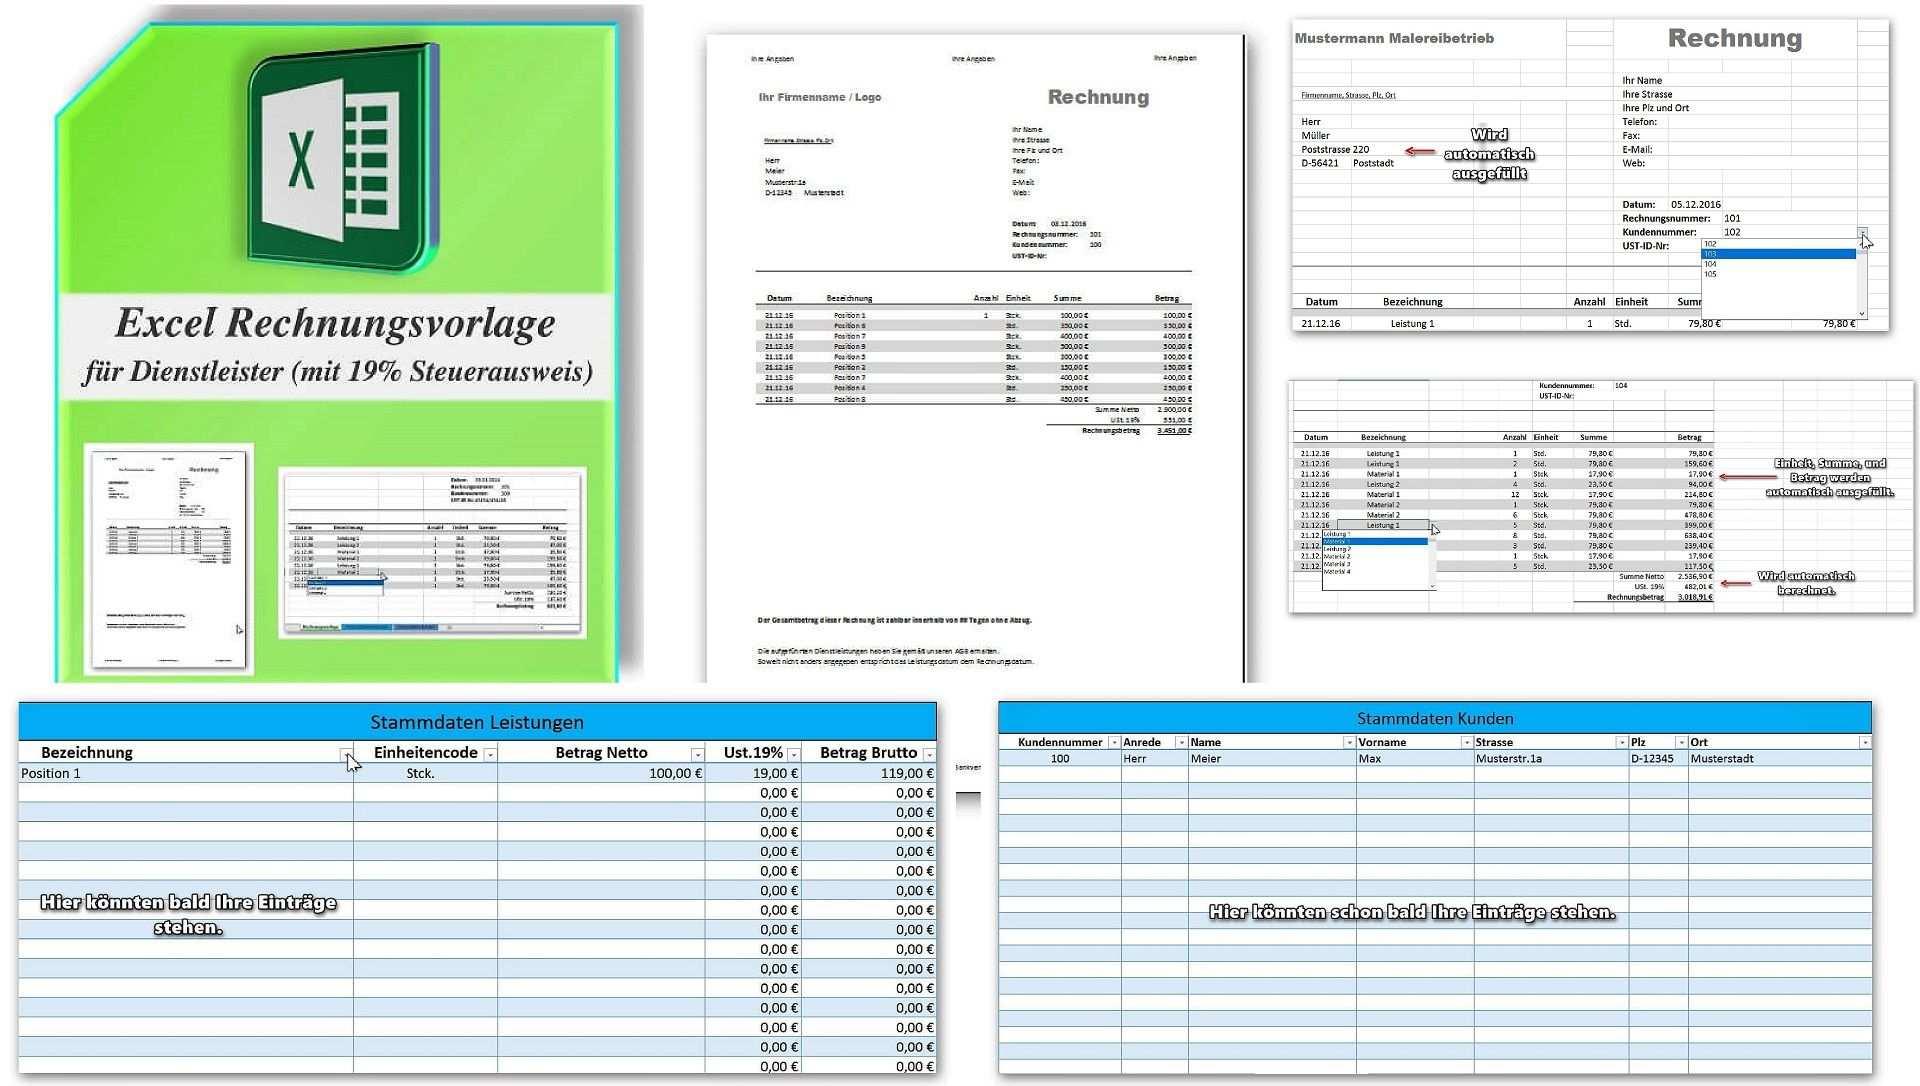 Rechnungsvorlage Mit 19 Steuerausweis Rechnungsvorlage